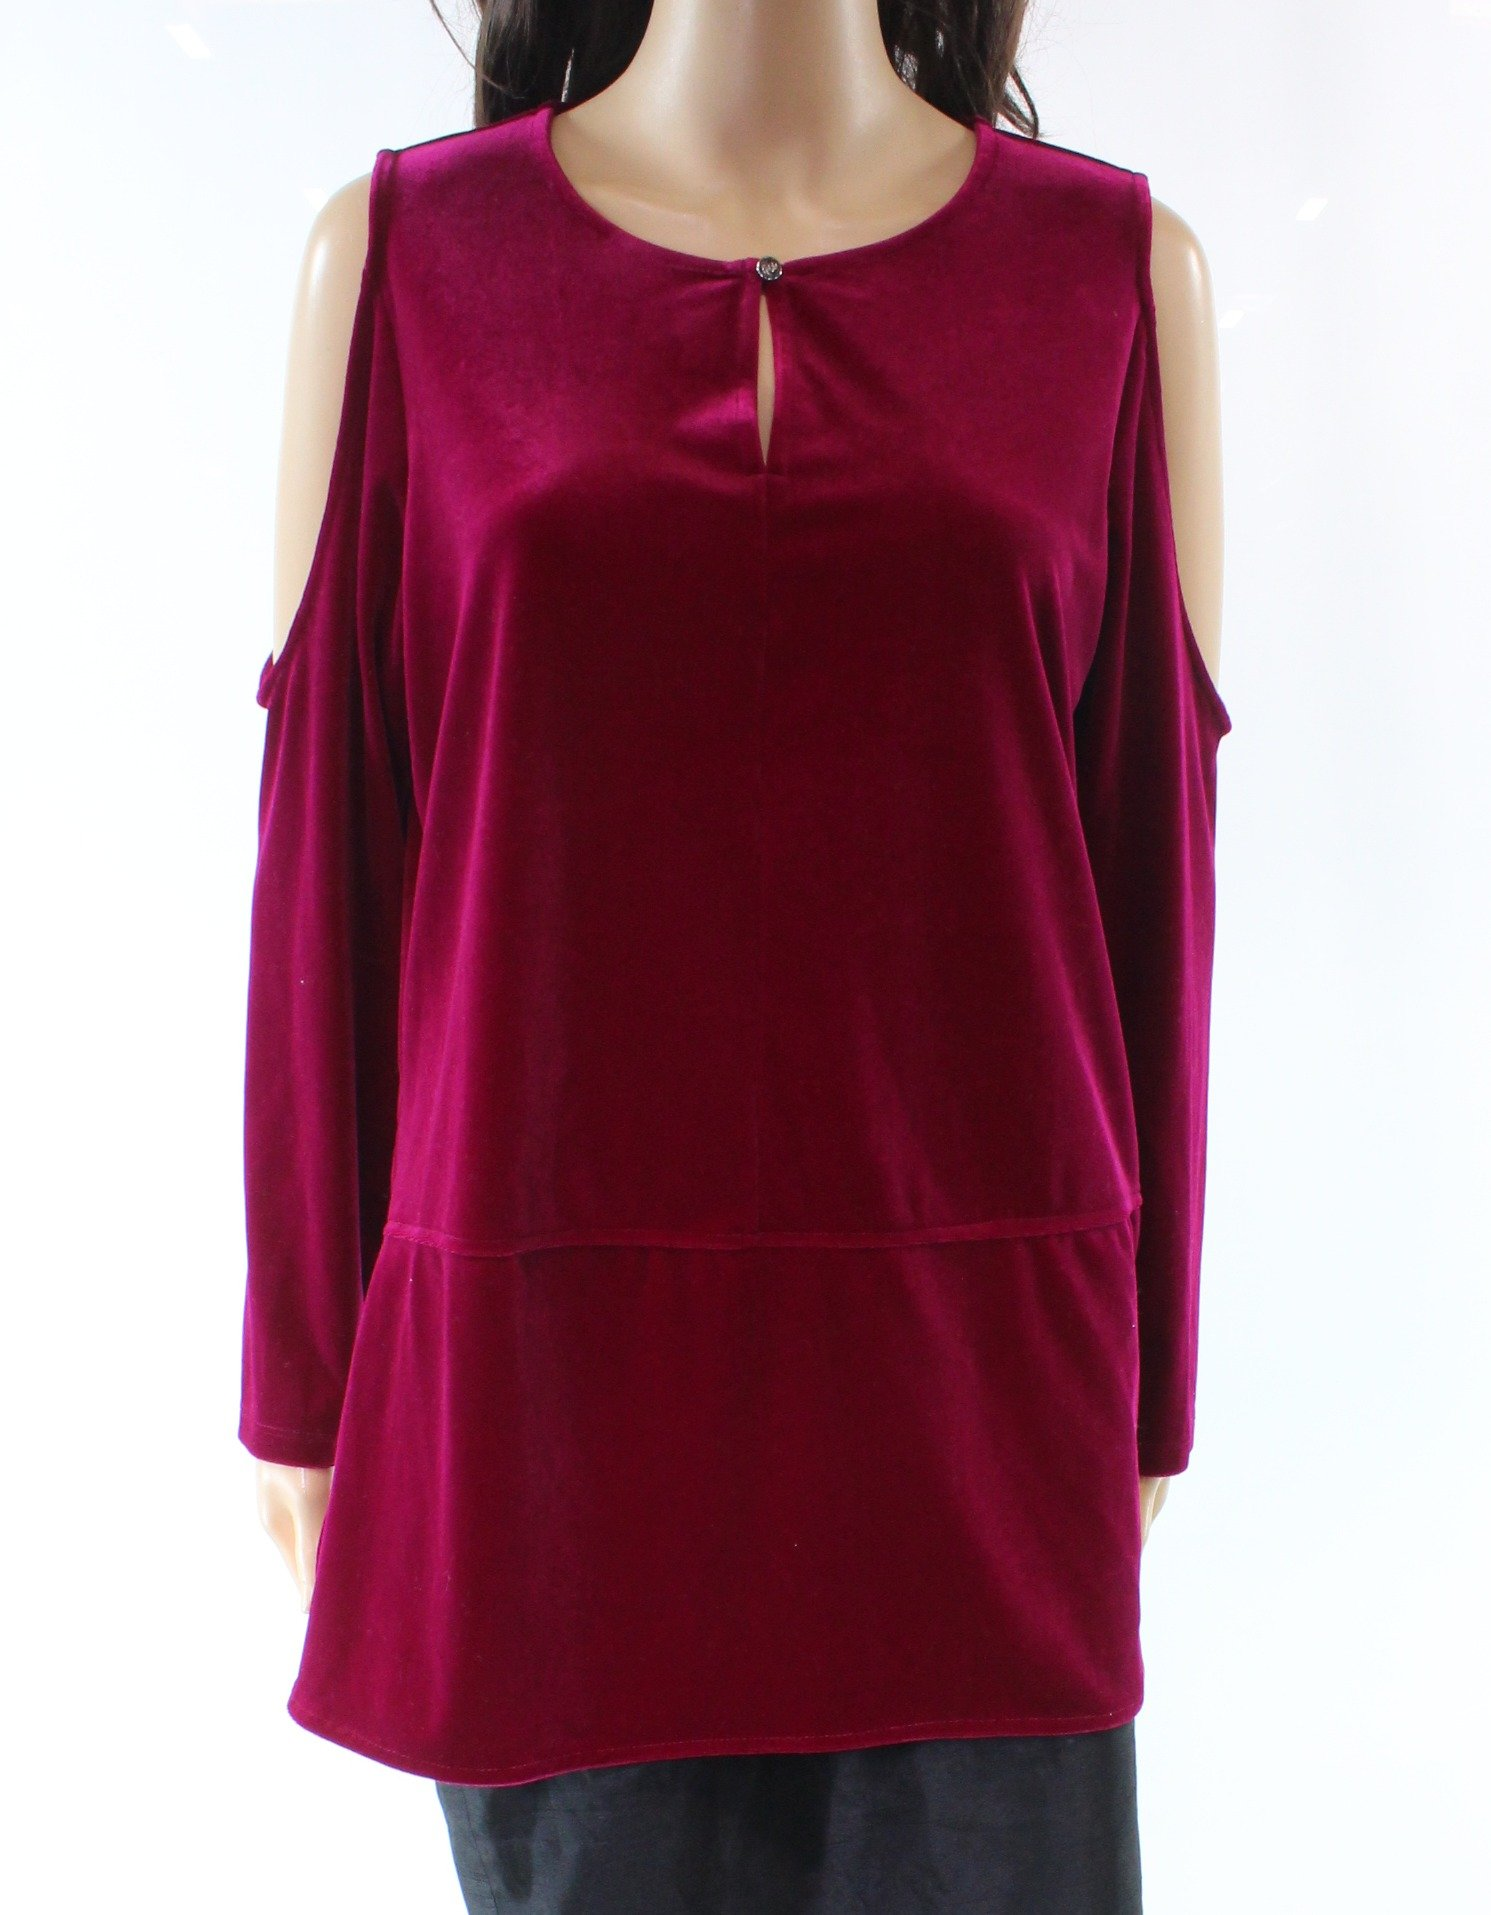 Lauren Ralph Lauren Womens Velvet Cold Shoulder Blouse Purple XL by Lauren by Ralph Lauren